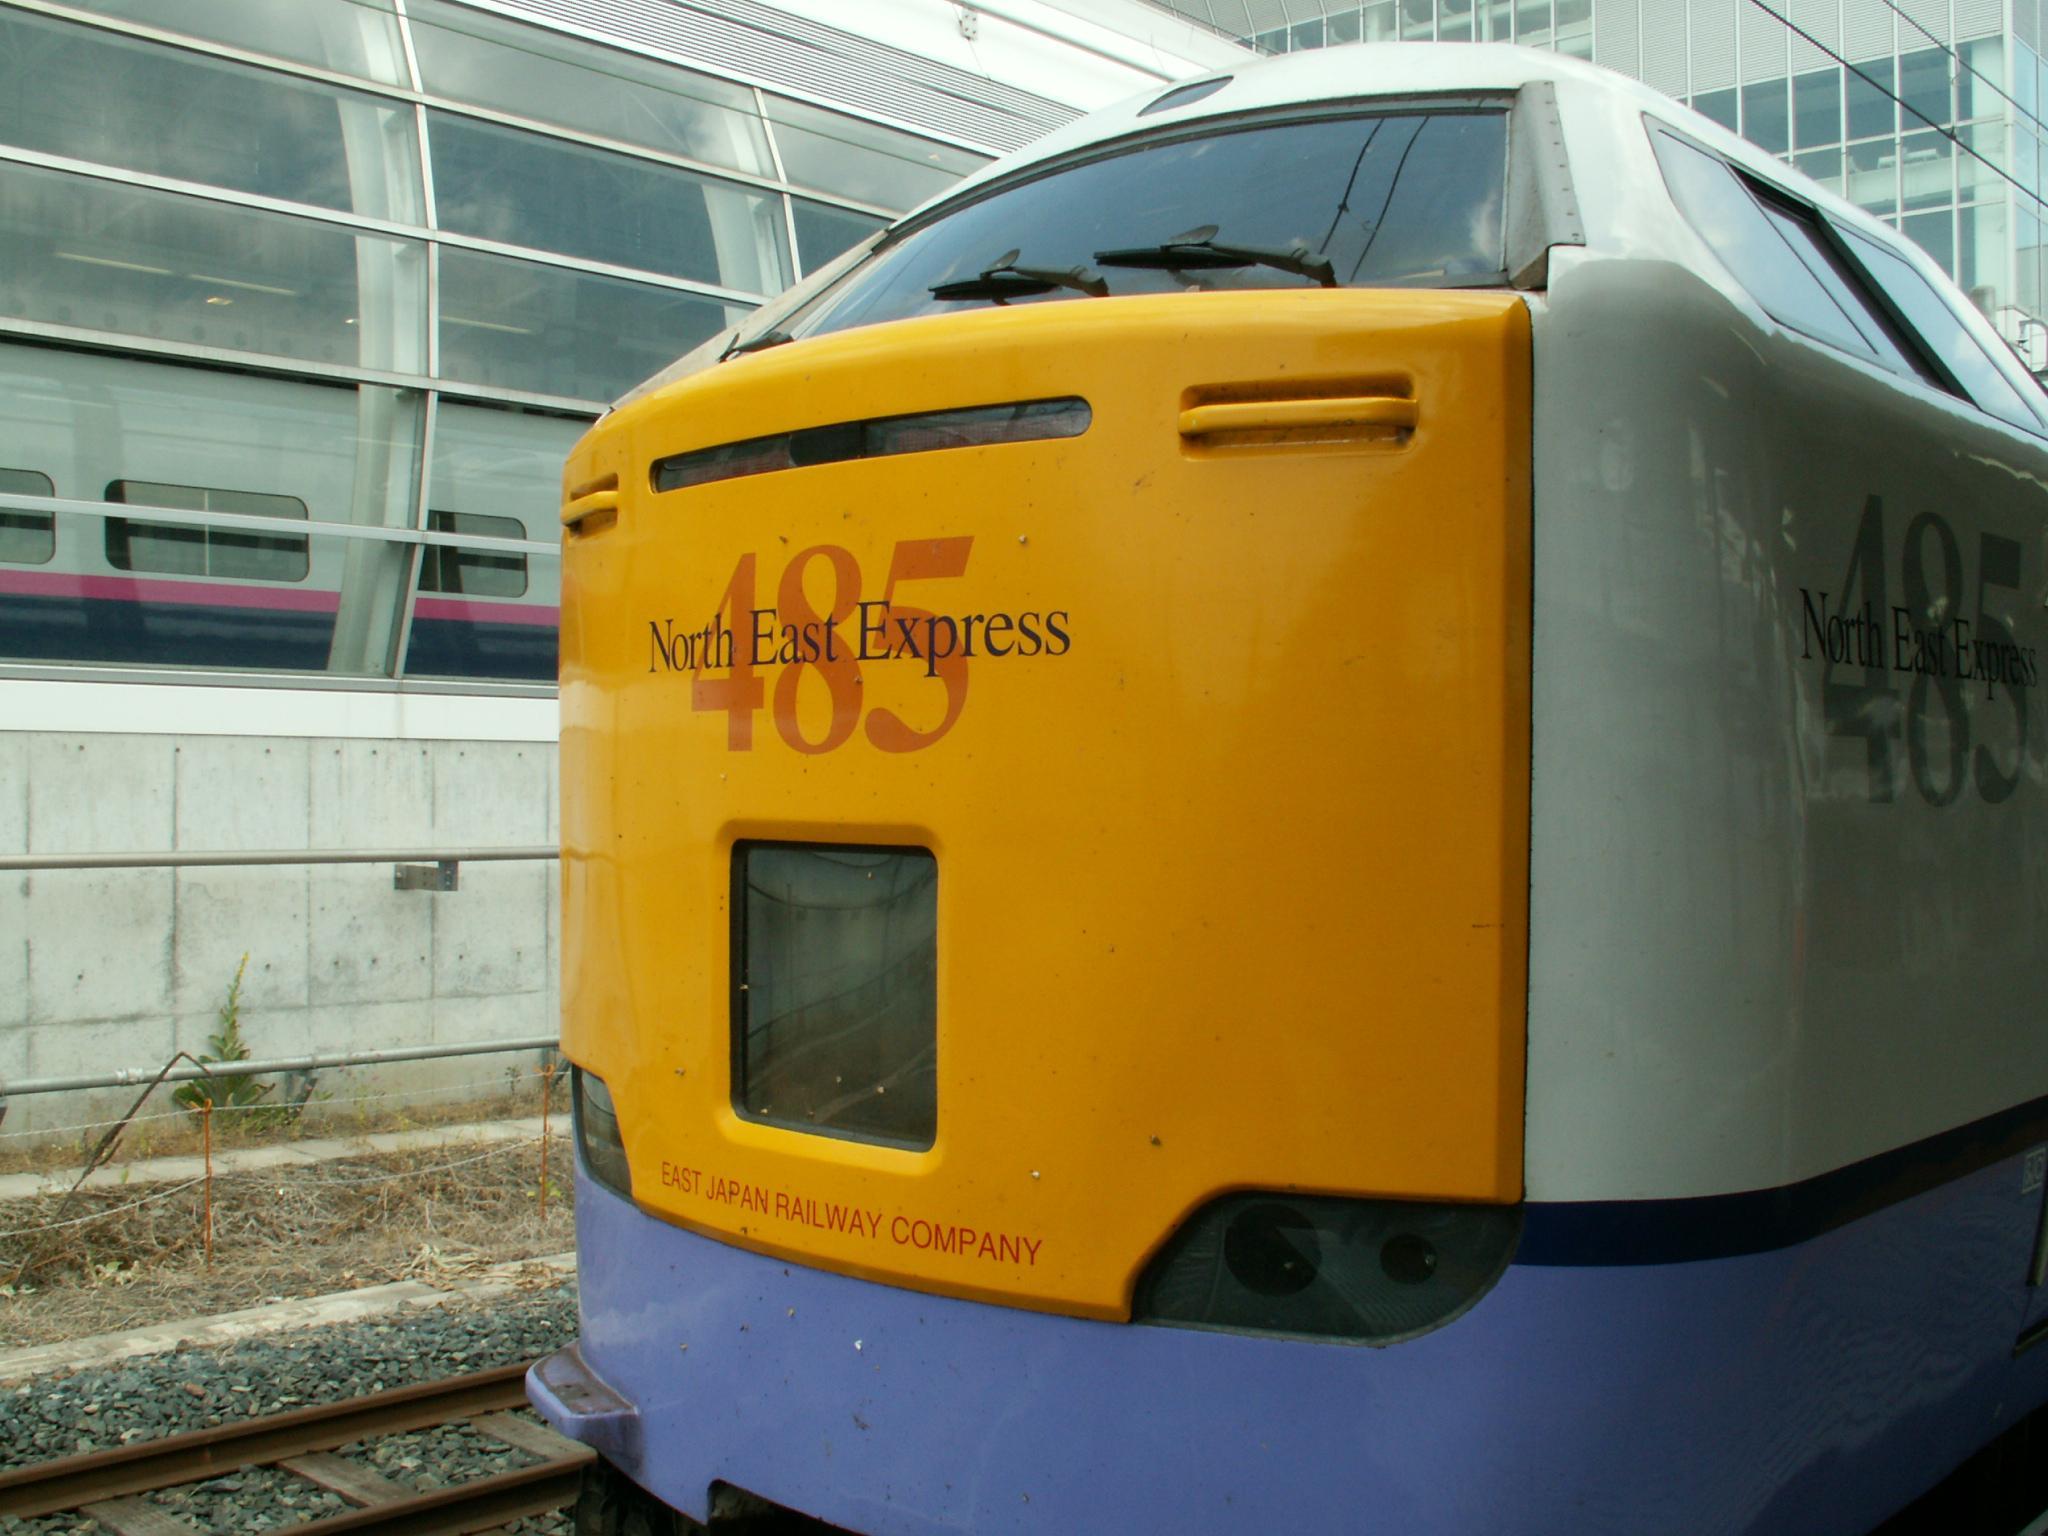 八戸駅から東京駅までの新幹線の距離ってどのくら …